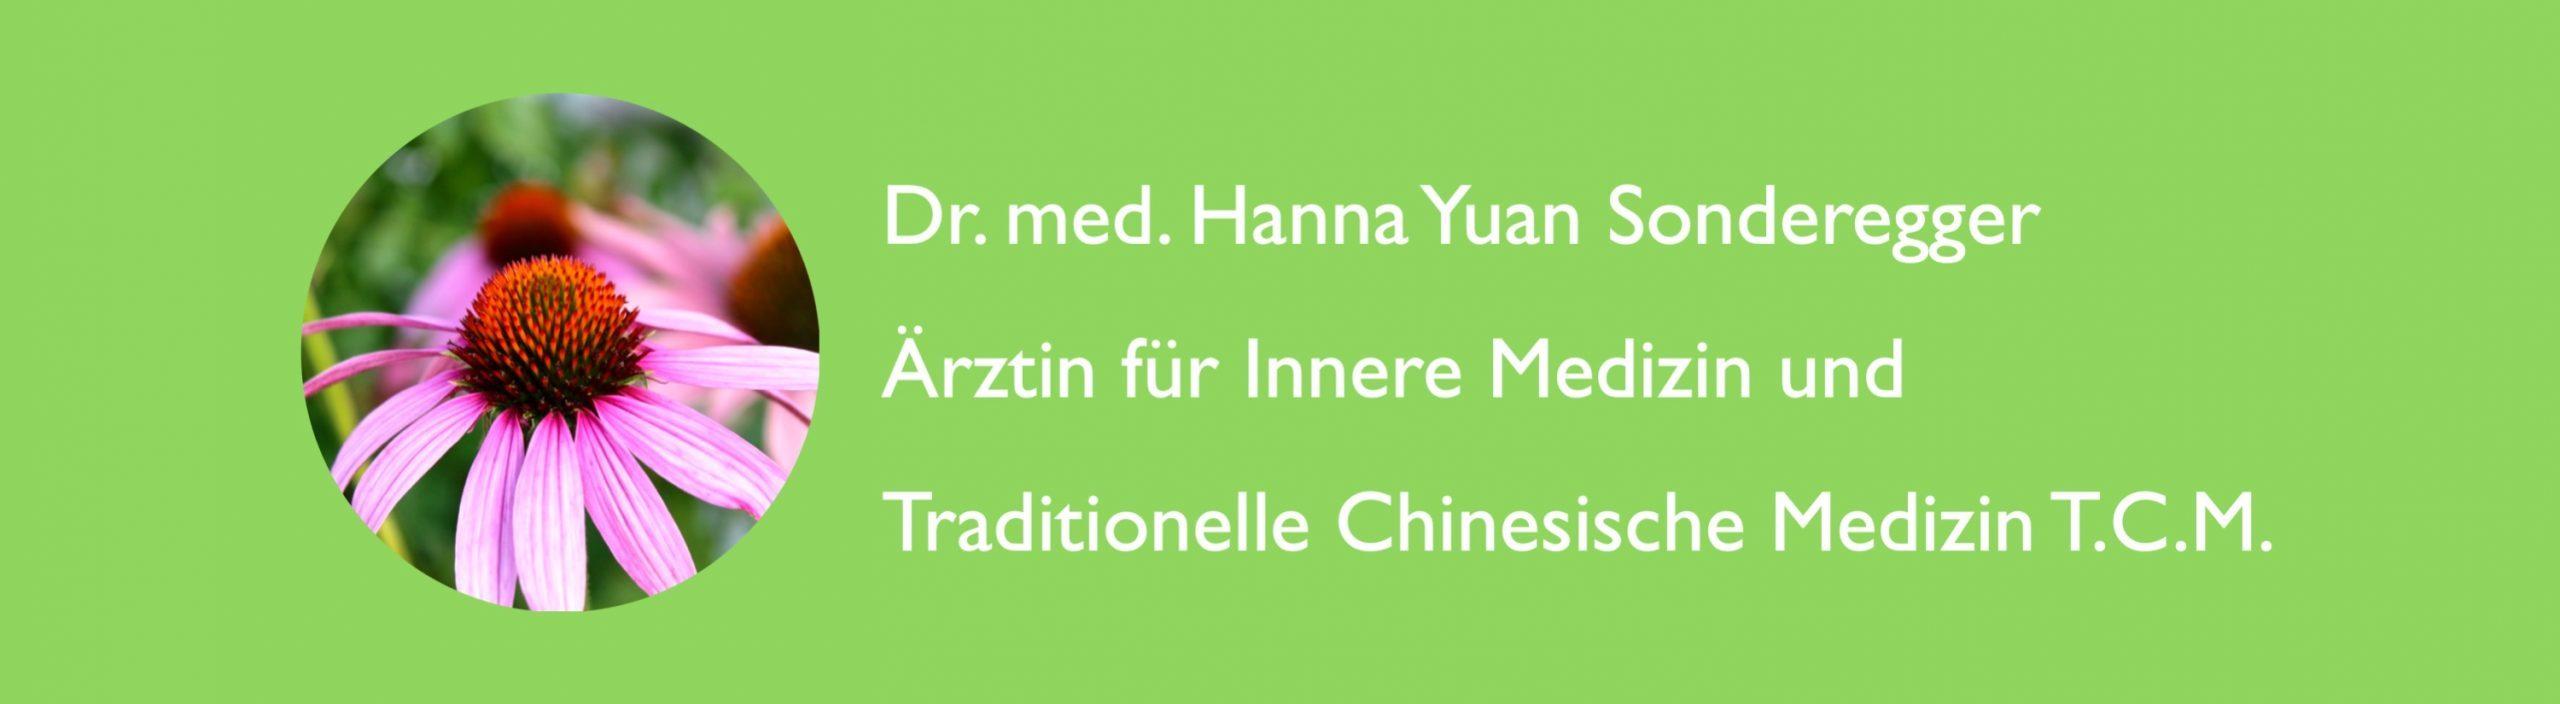 Dr. med. Hanna Yuan Sonderegger